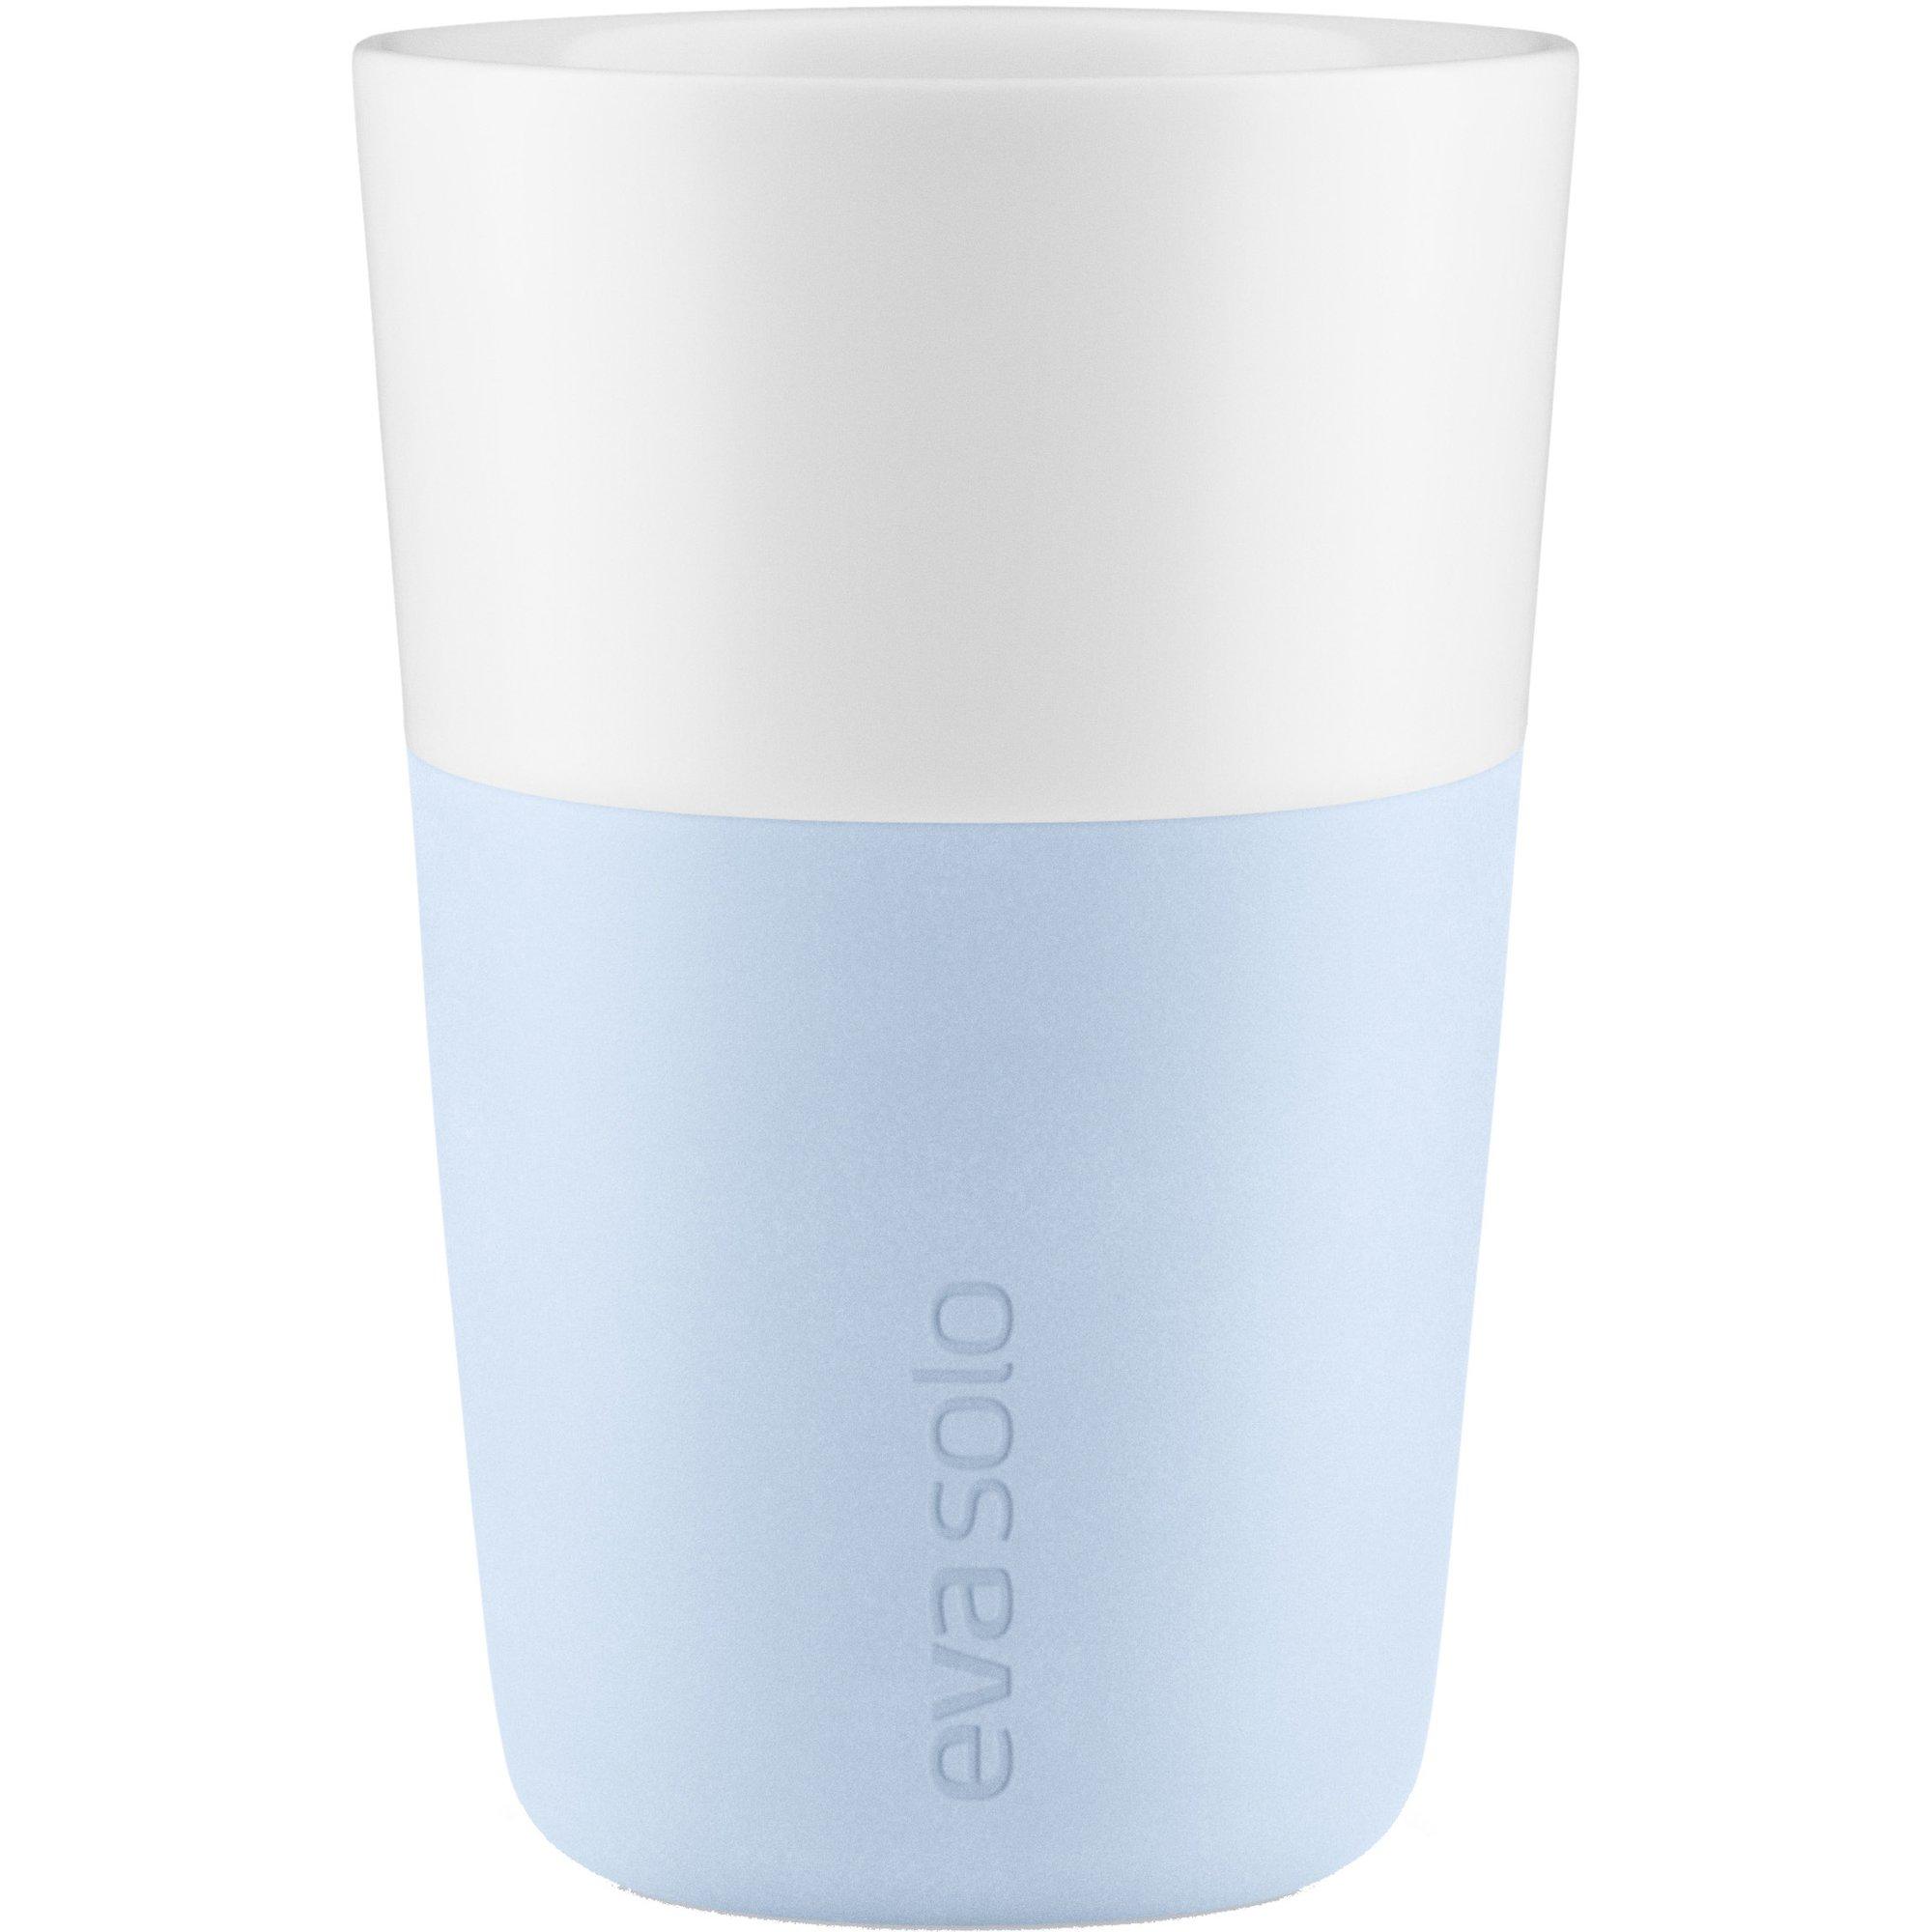 Eva Solo Cafe Latte Mugg 2 st. Ljusblå